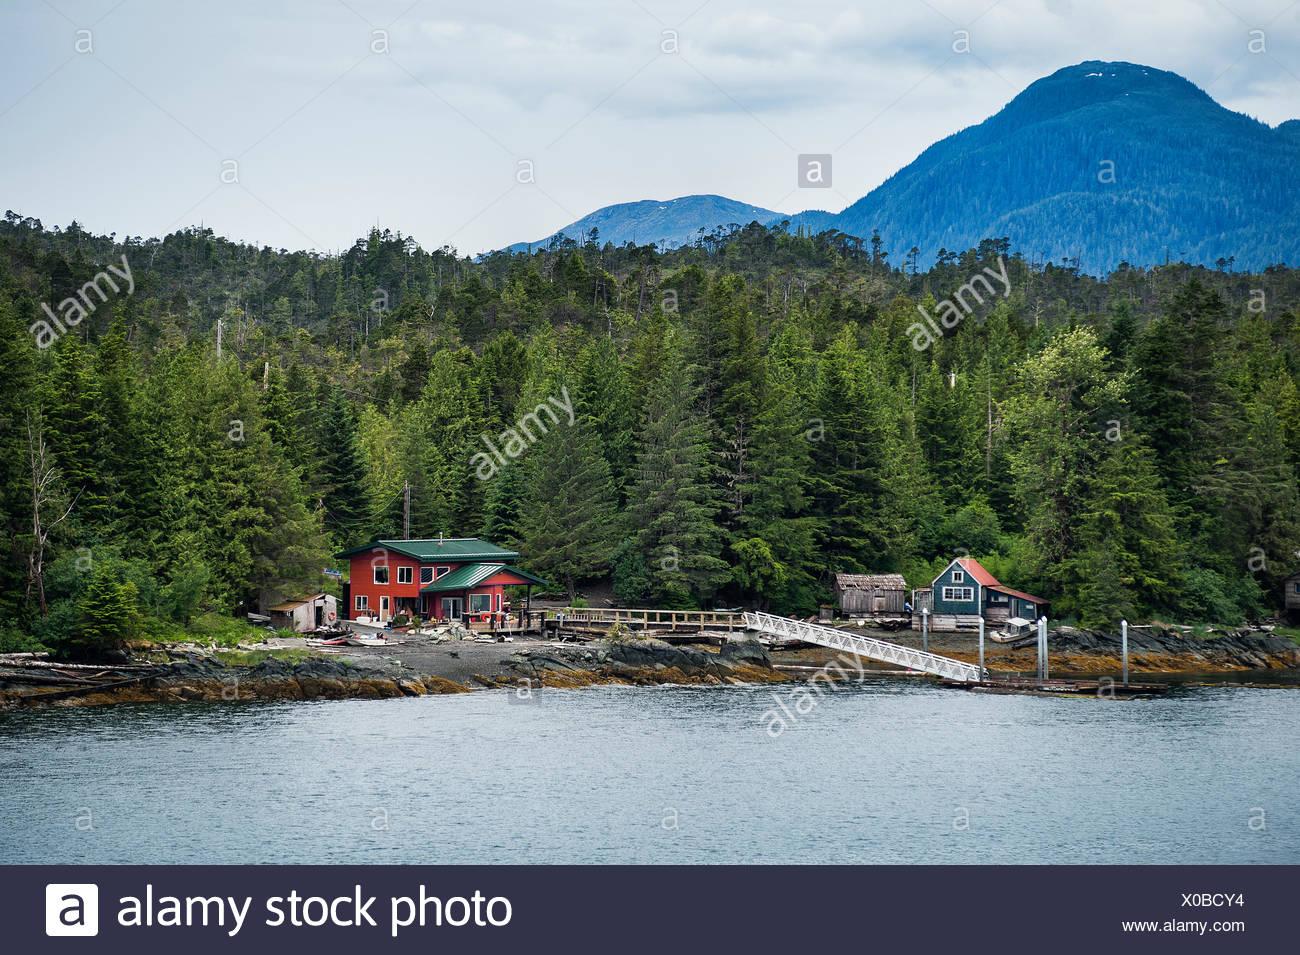 Hors de la grille cabine sur l'île de l'archipel Alexander, Gravina, Alaska, USA Photo Stock